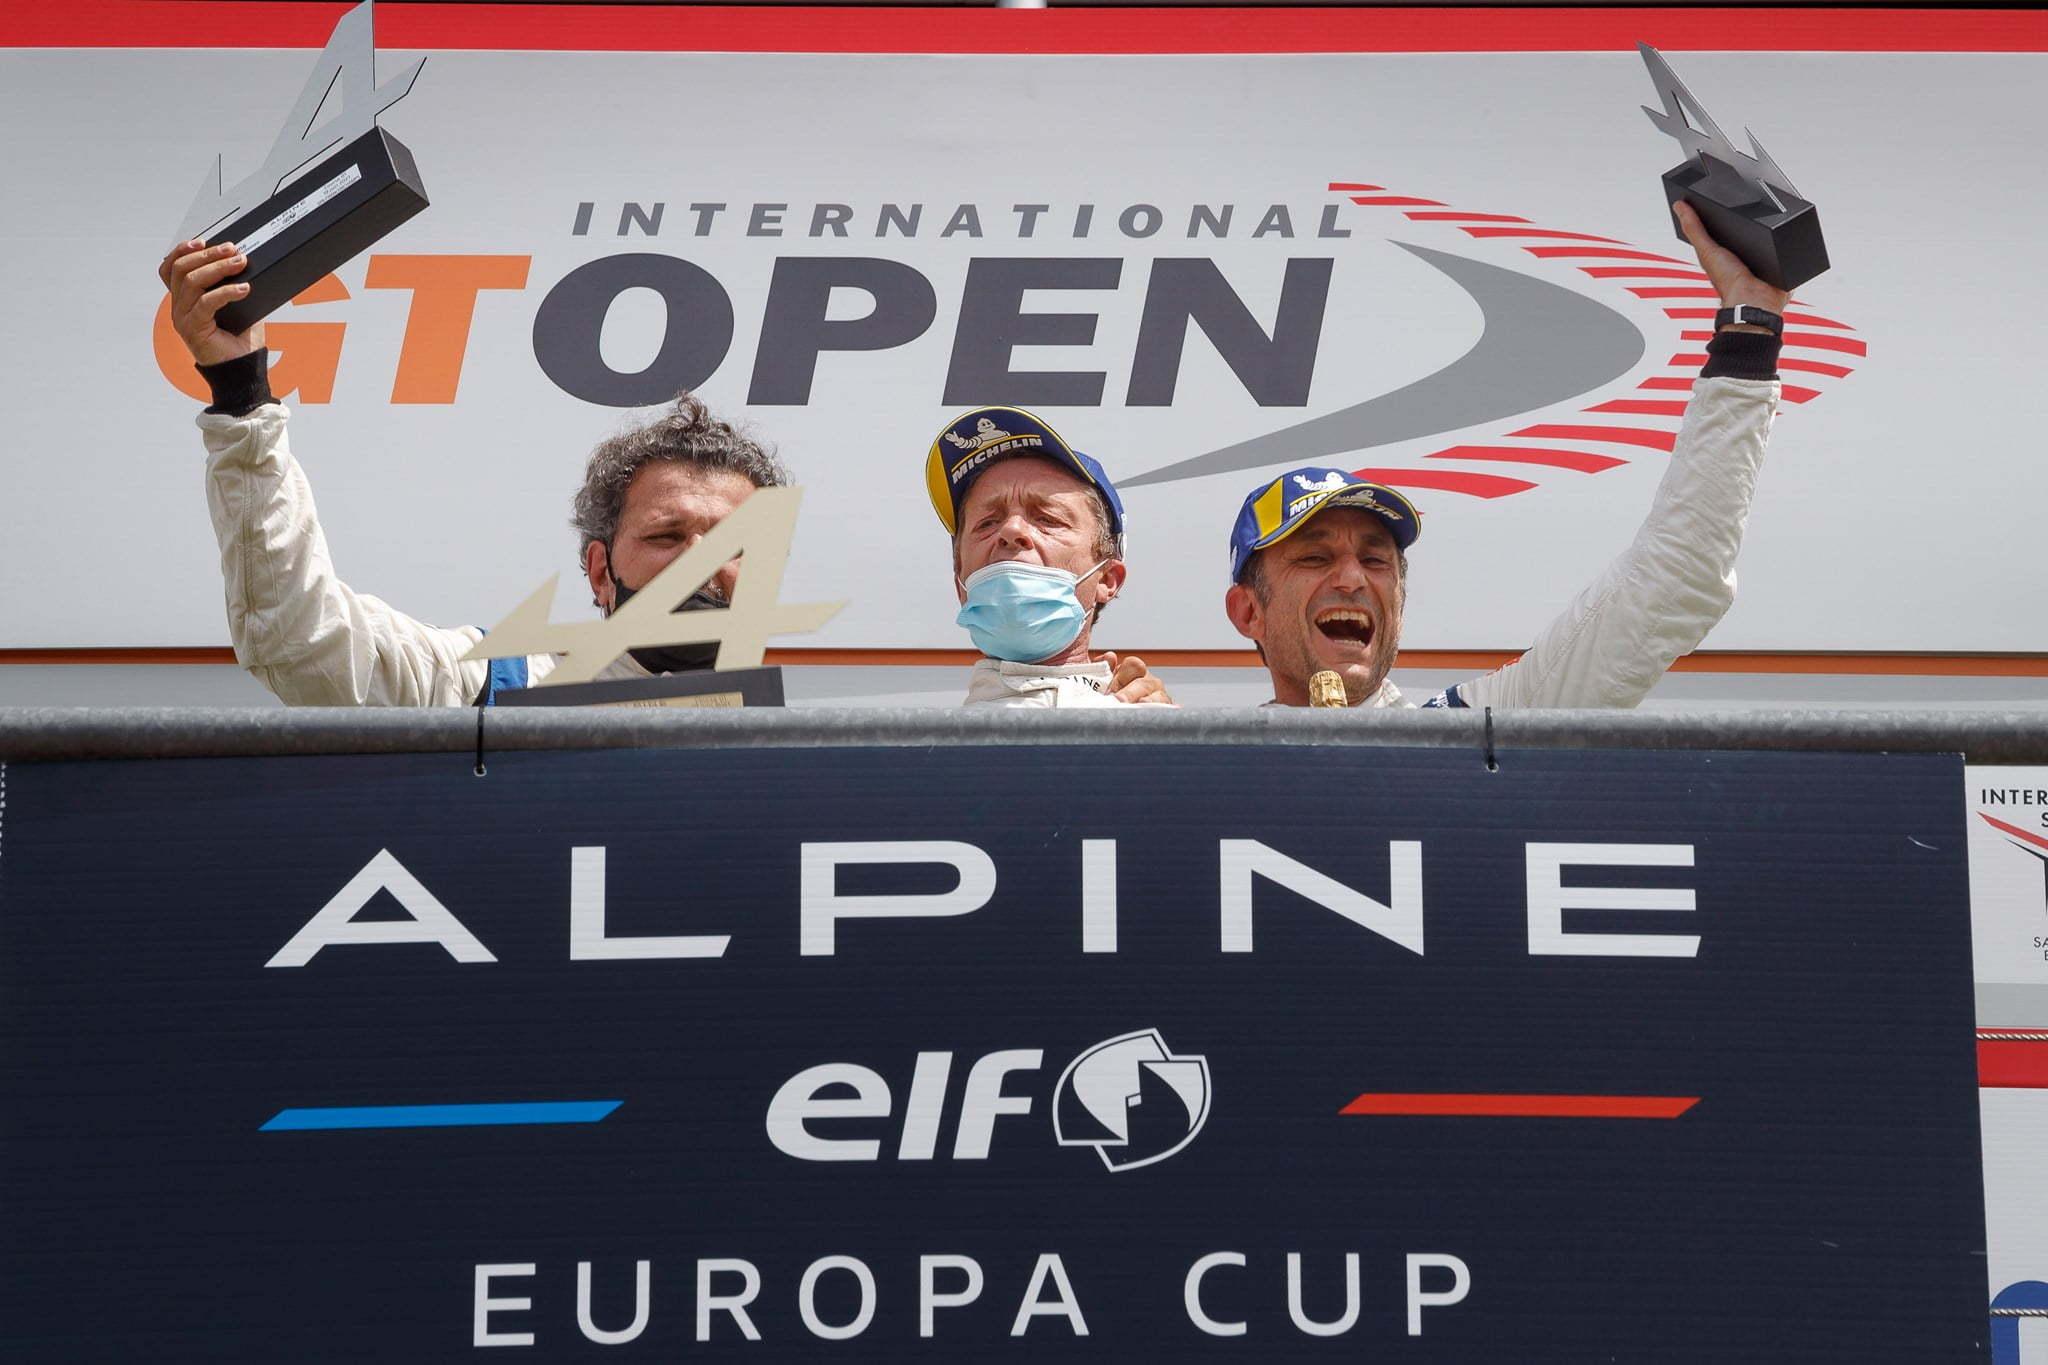 Alpine Elf Europa Cup Spa Francorchamps 2021 3 | Alpine Elf Europa Cup 2021 : Laurent Hurgon et Dani clos victorieux à Spa-Francorchamps